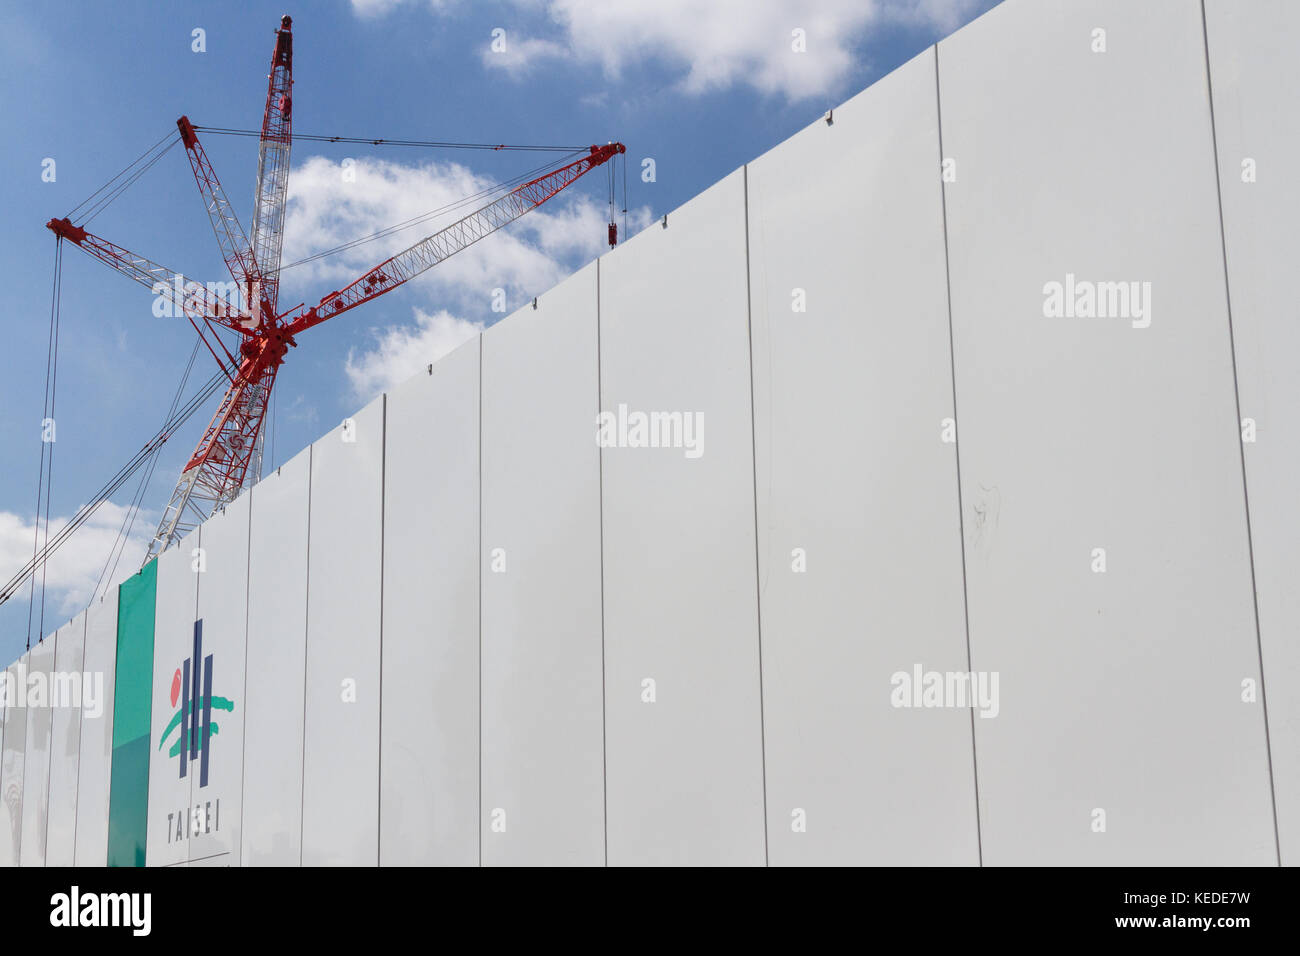 Una canna da zucchero al di sopra di una parete con la Taisei Construction company Nome e logo su di esso presso Immagini Stock